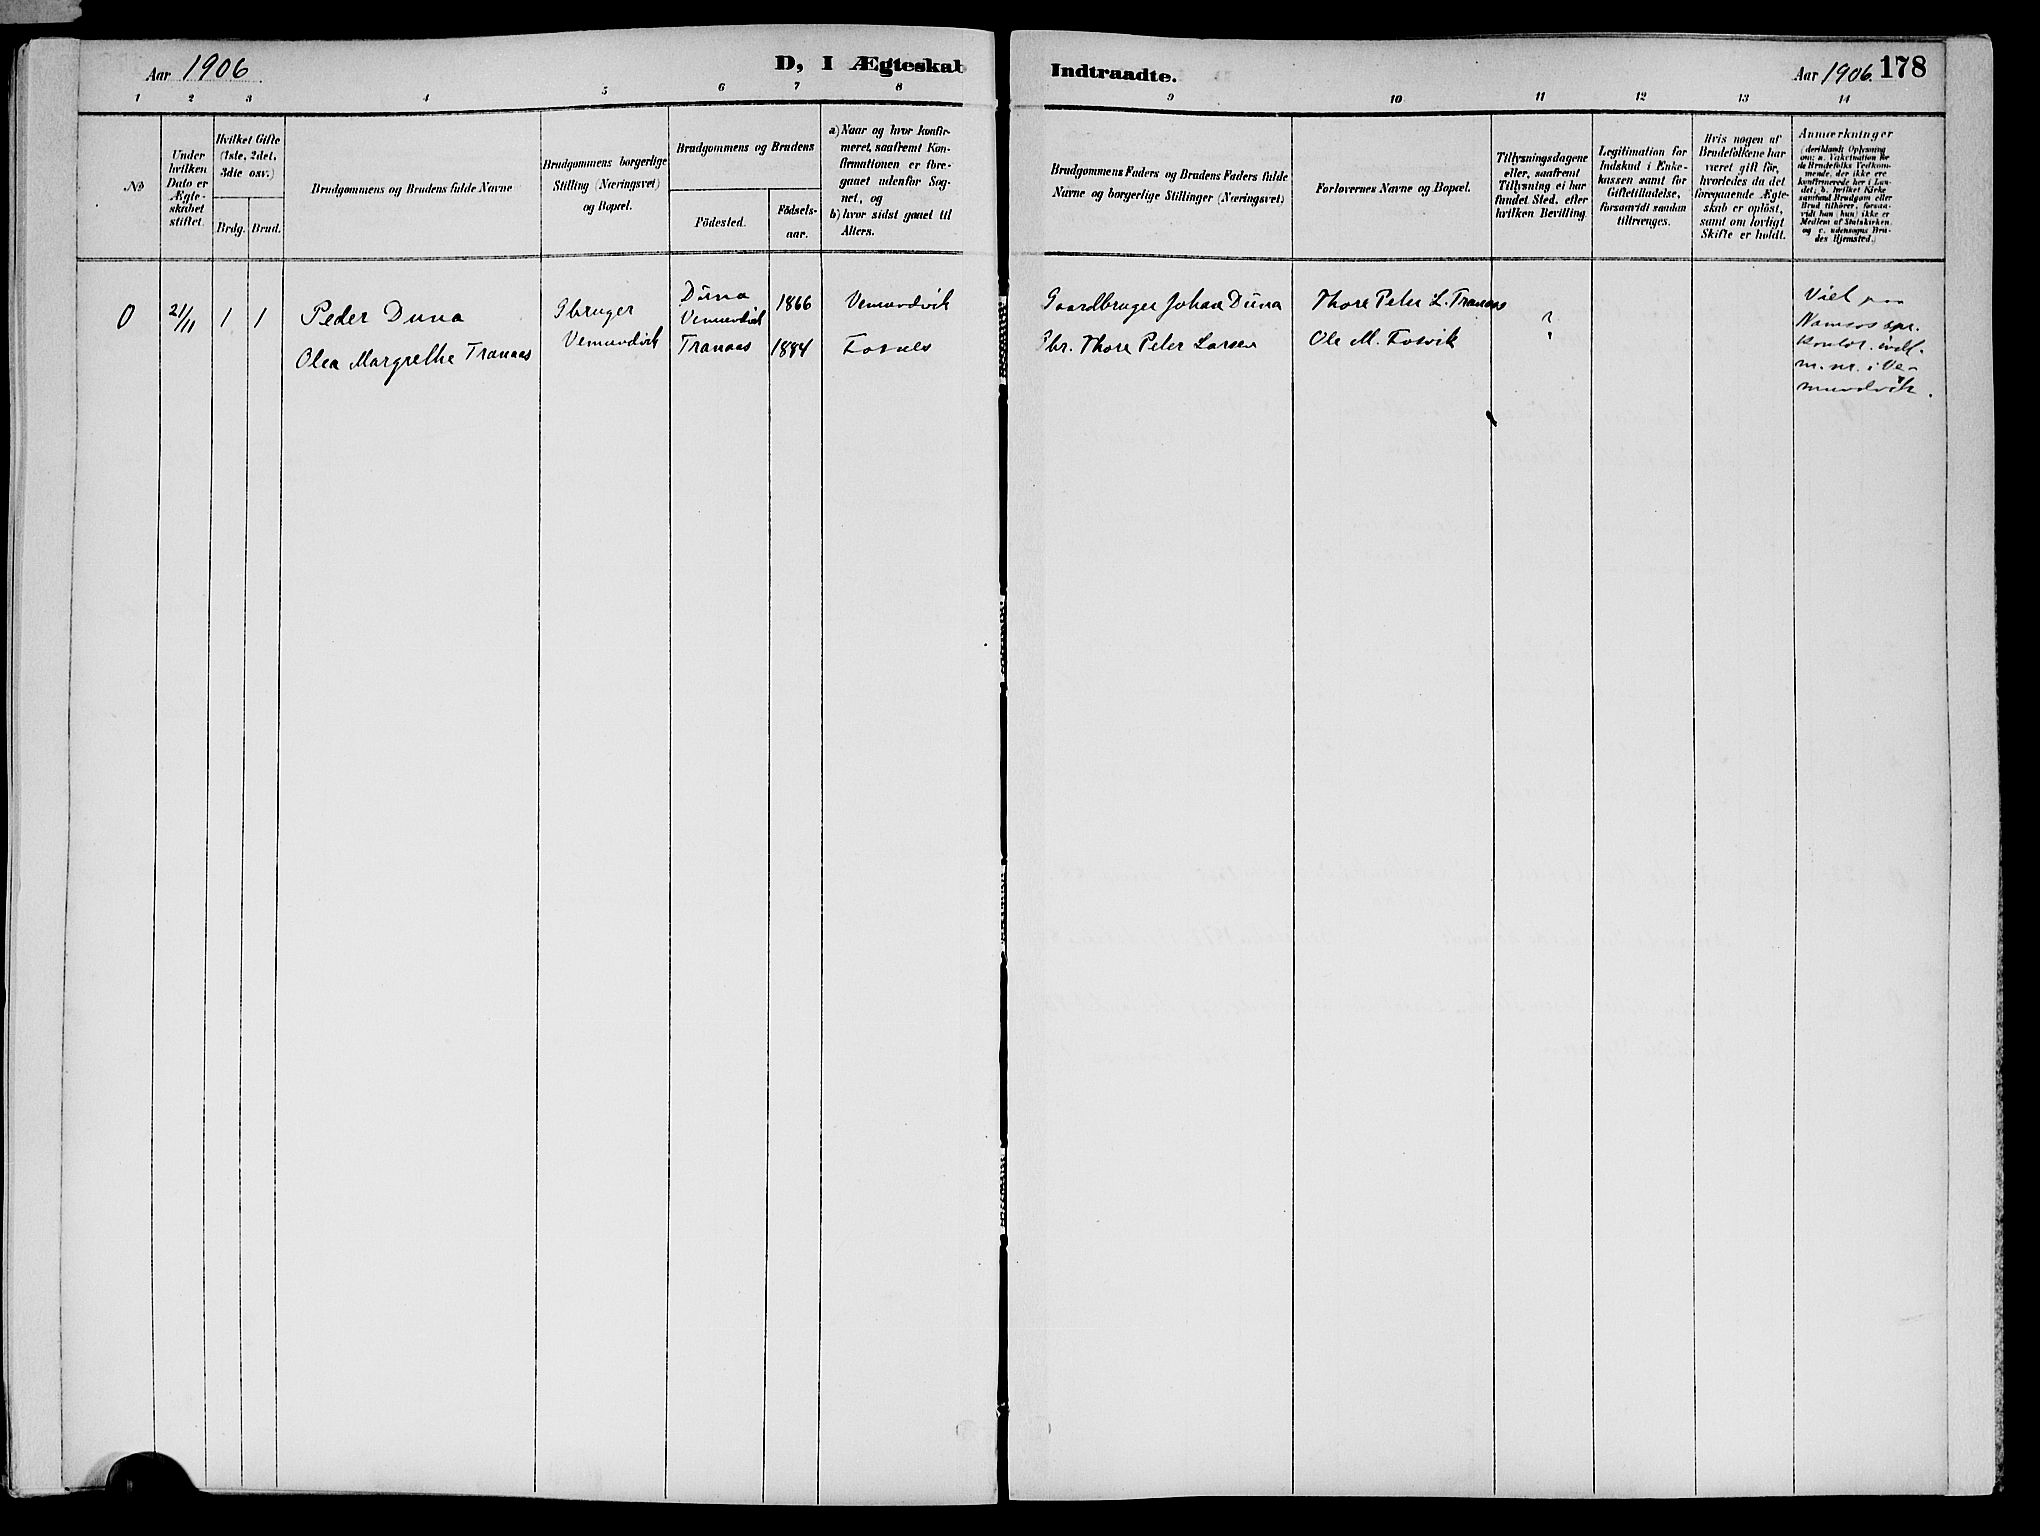 SAT, Ministerialprotokoller, klokkerbøker og fødselsregistre - Nord-Trøndelag, 773/L0617: Ministerialbok nr. 773A08, 1887-1910, s. 178